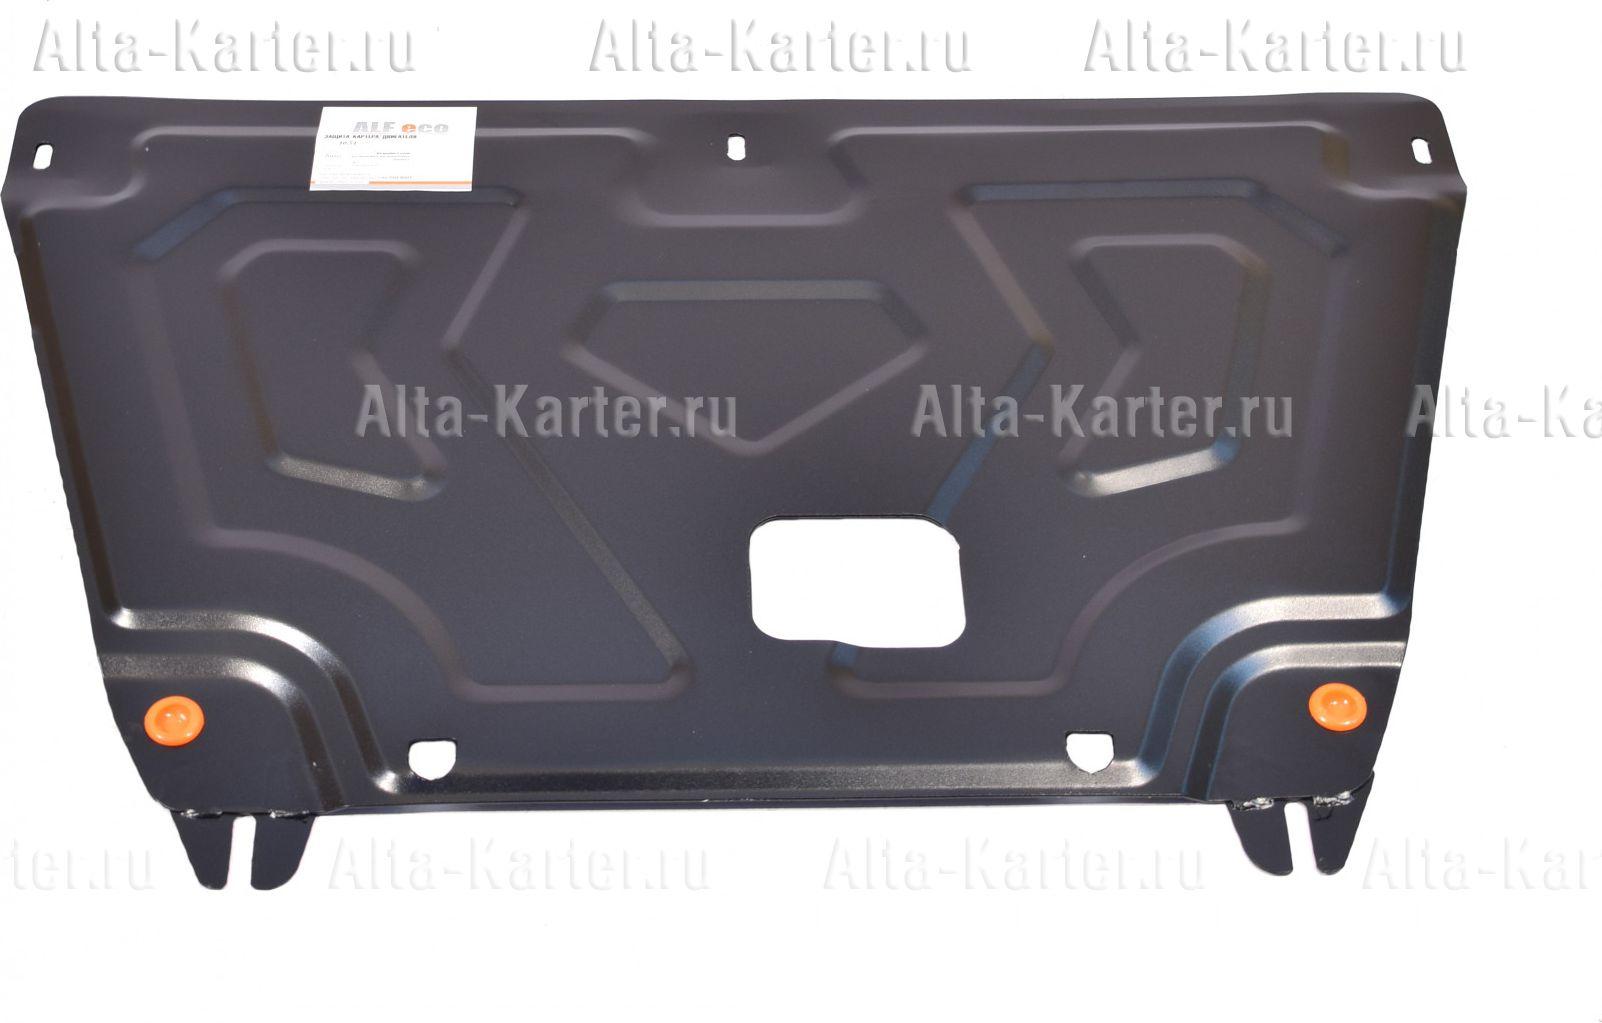 Защита Alfeco для картера и КПП Hyundai Creta (установка на штатные точки) 2016-2021. Артикул ALF.10.51